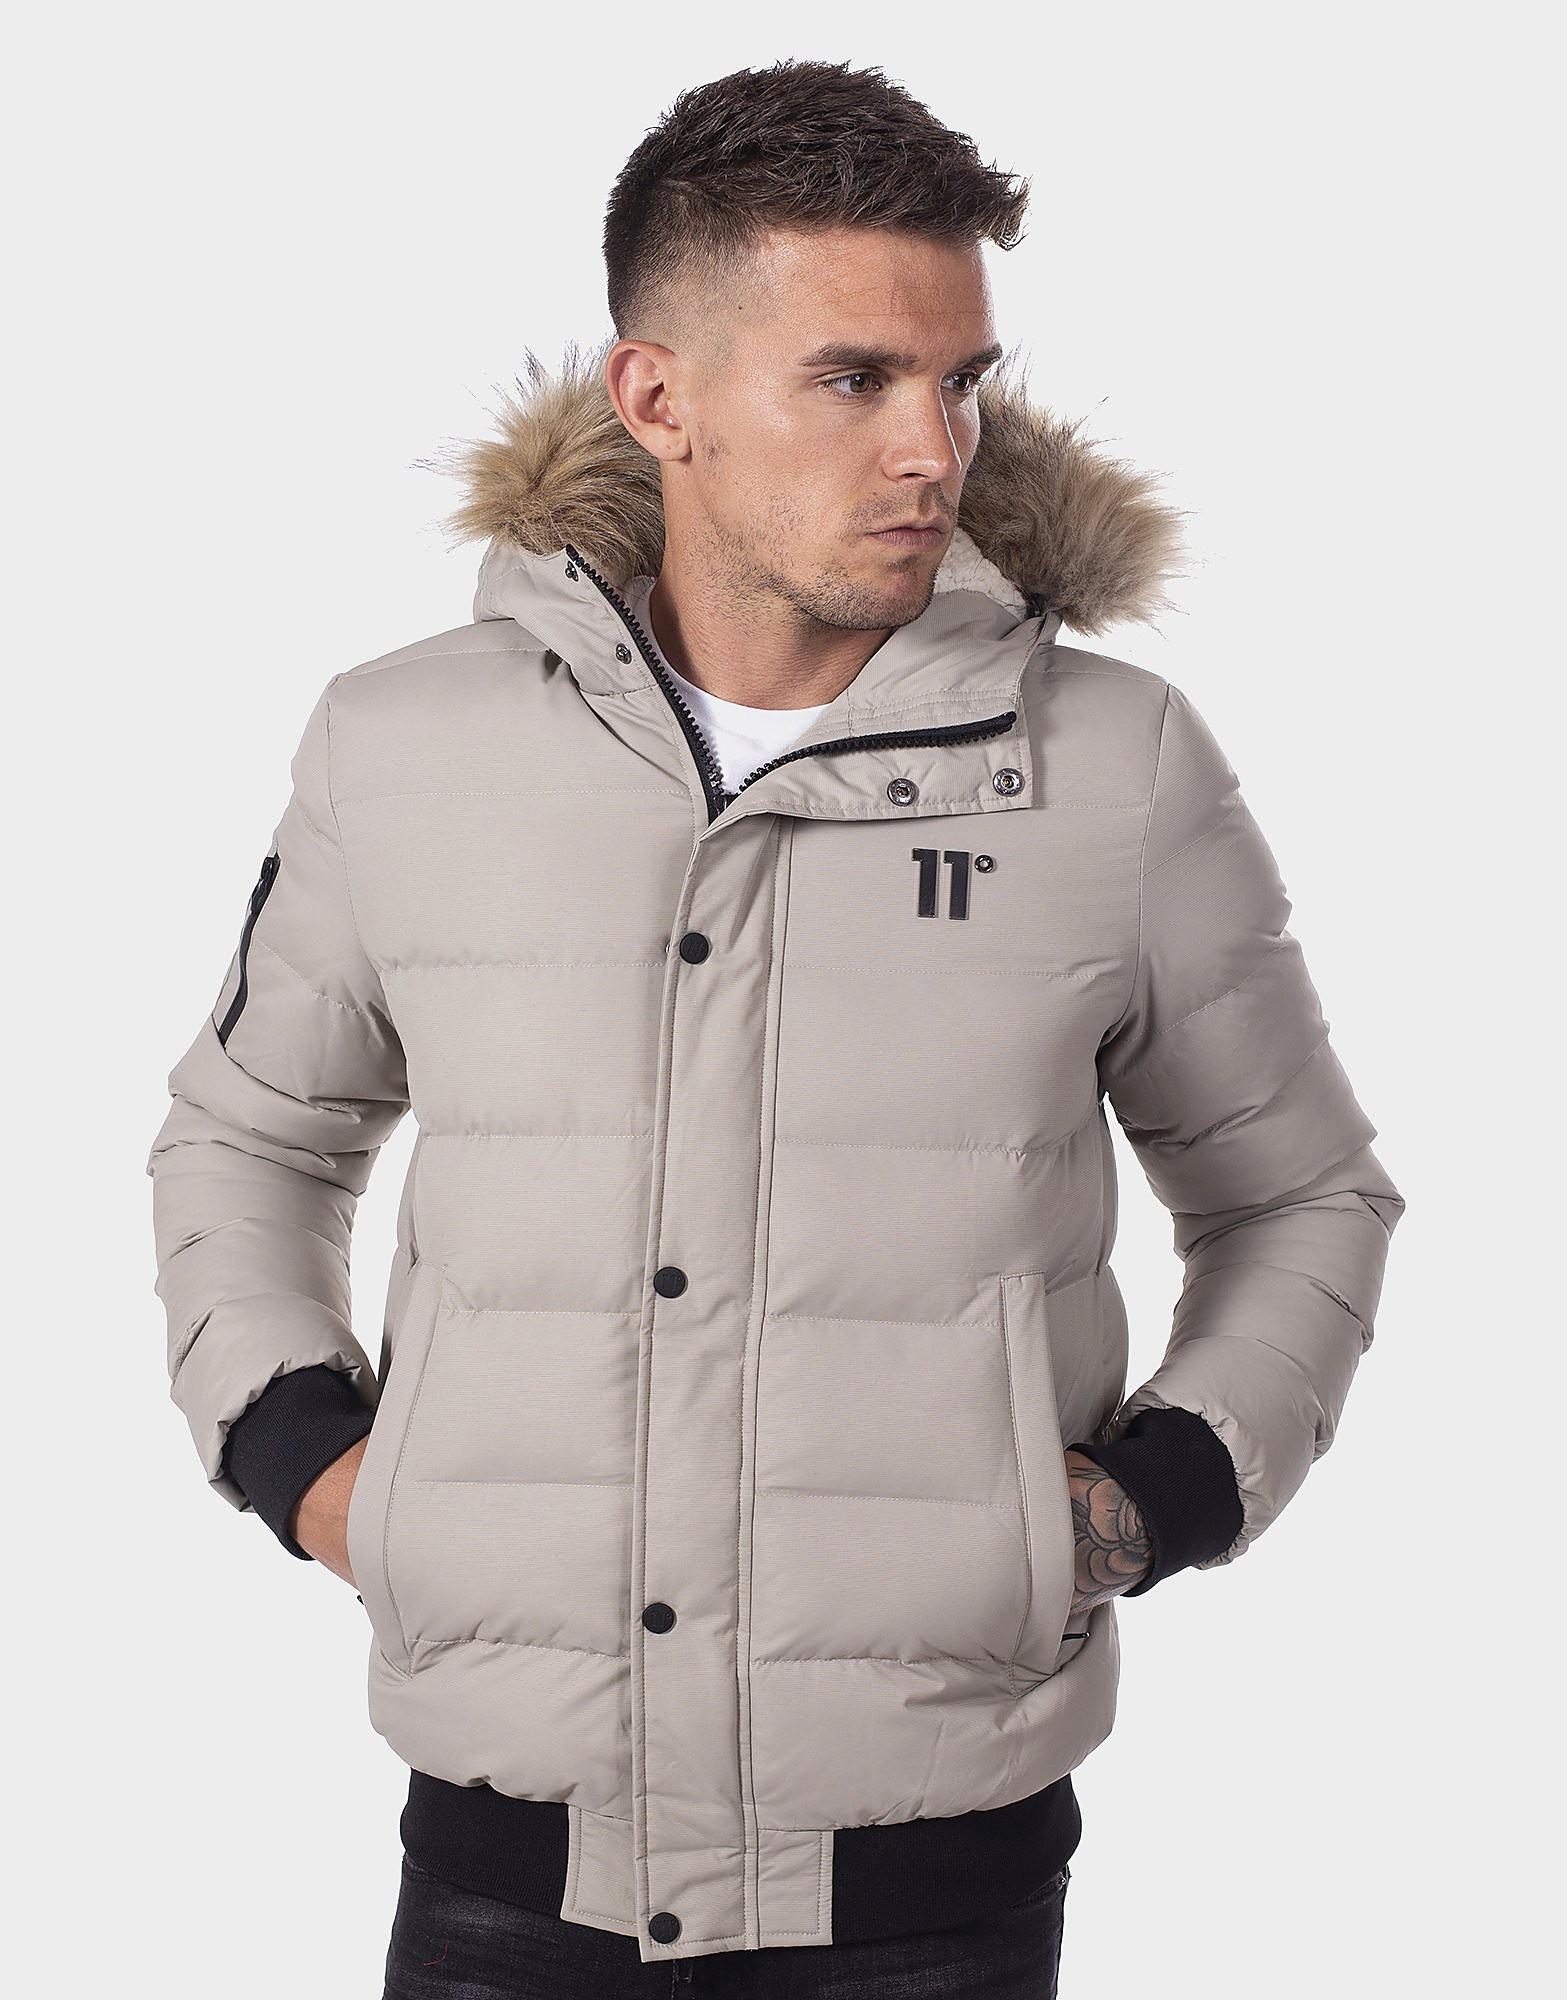 11 Degrees Fur Trim Bubble Jacket - Grau - Mens, Grau